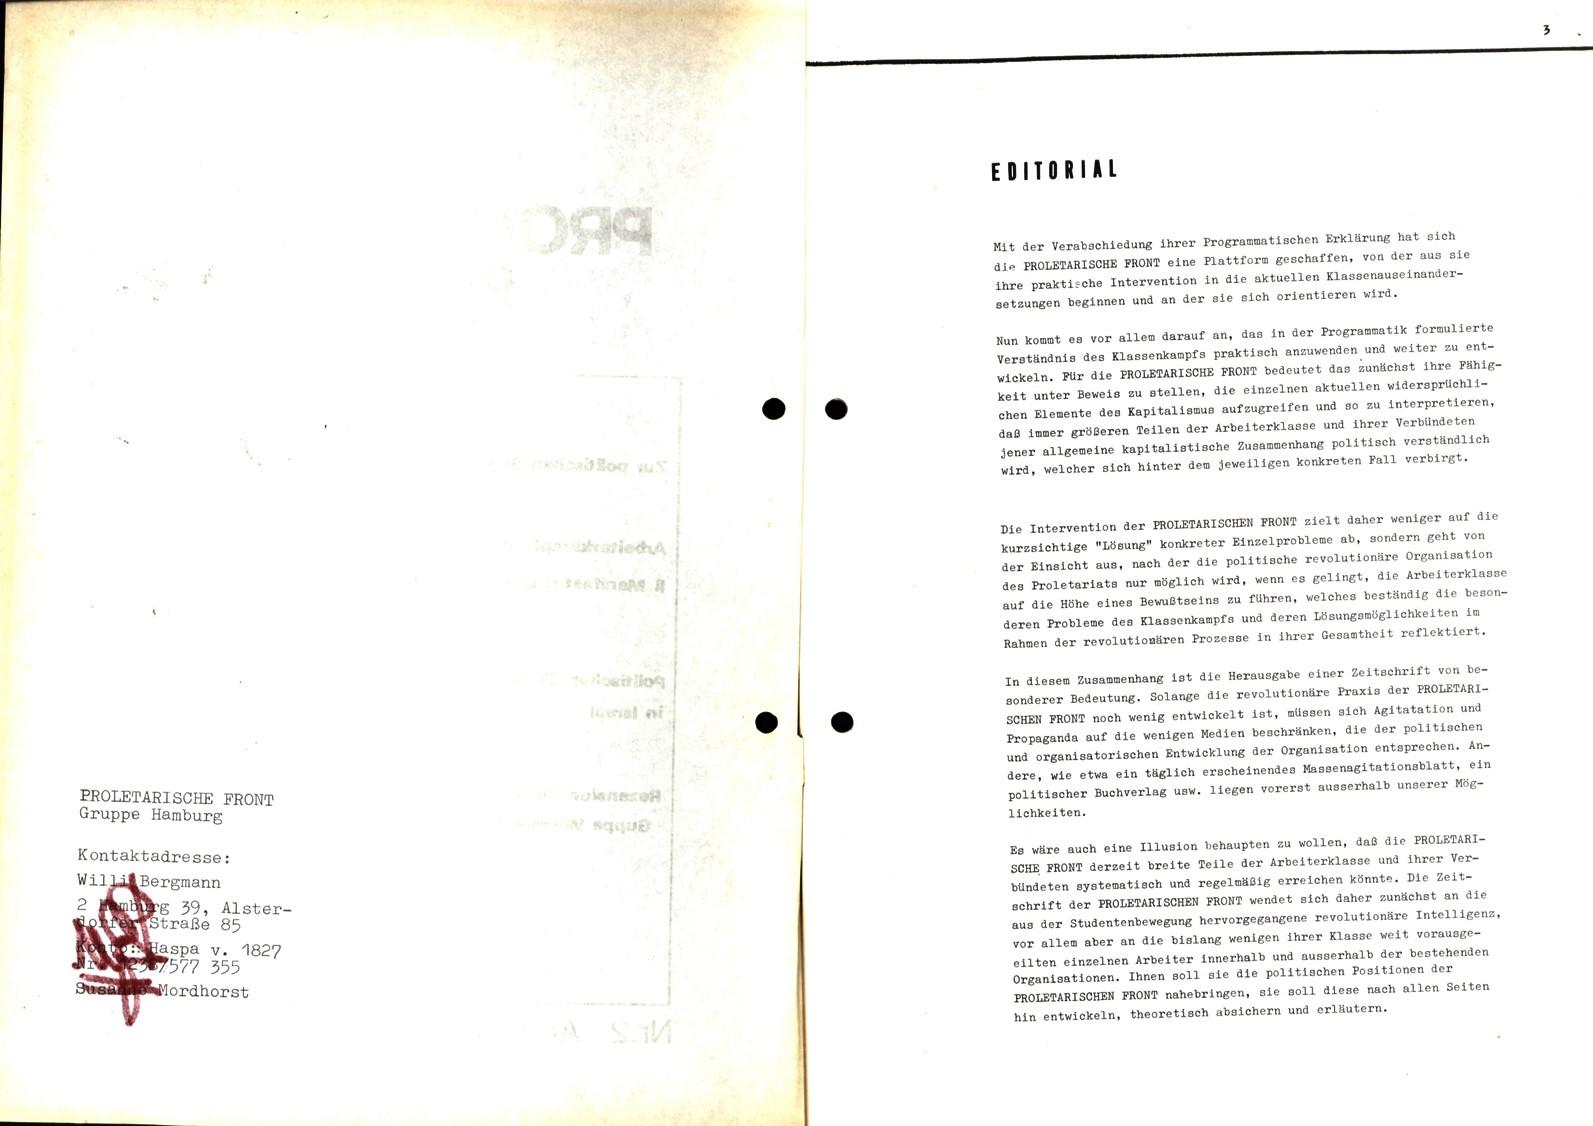 Proletarische_Front_1971_02_02